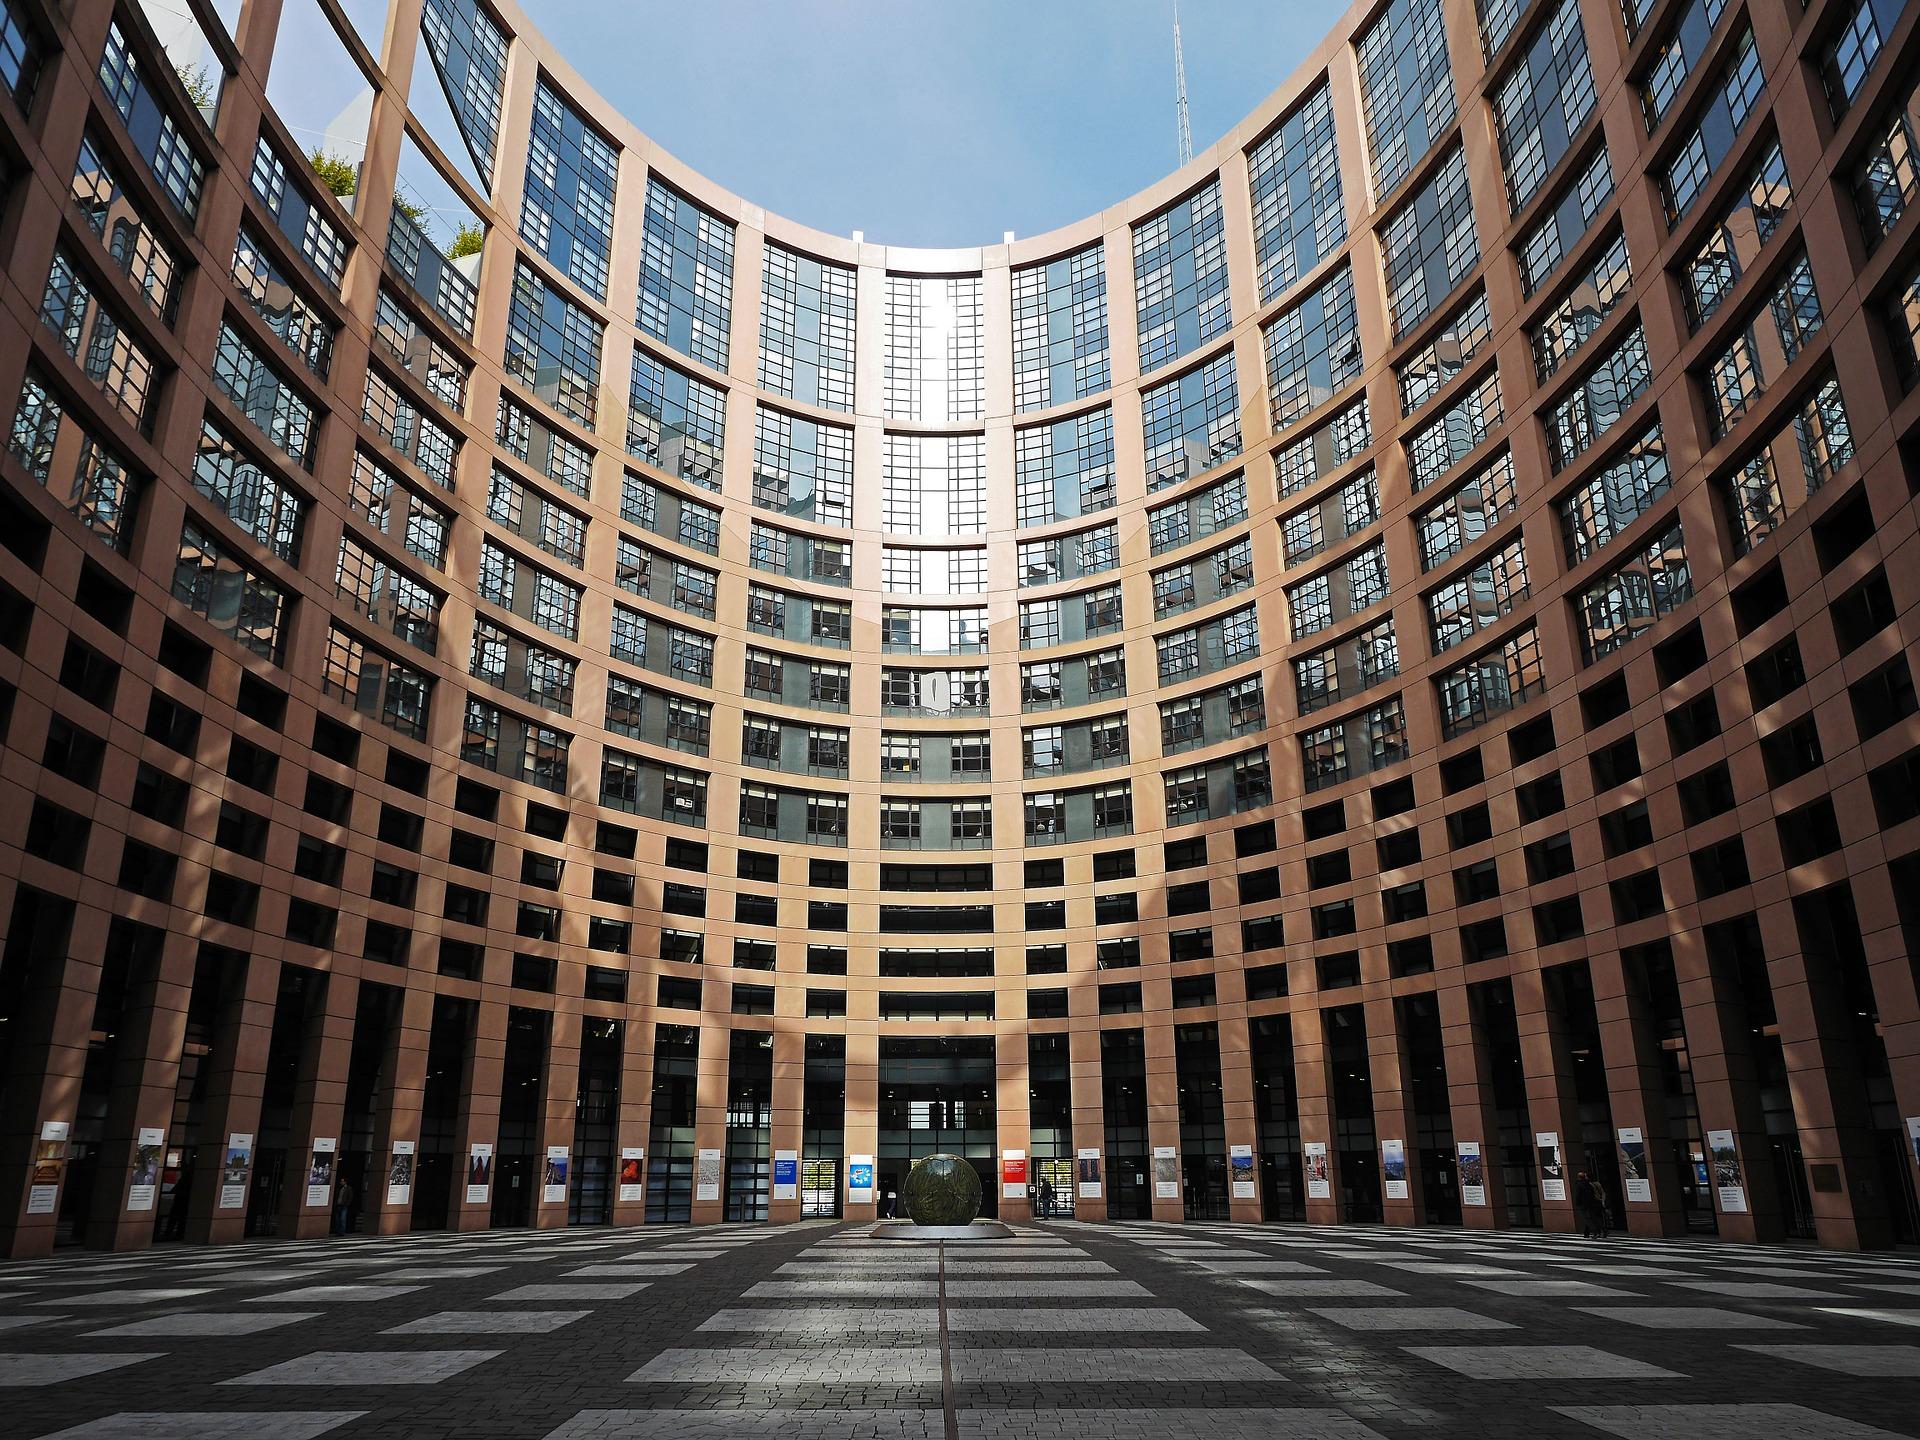 Tirocini Schuman presso il Parlamento Europeo